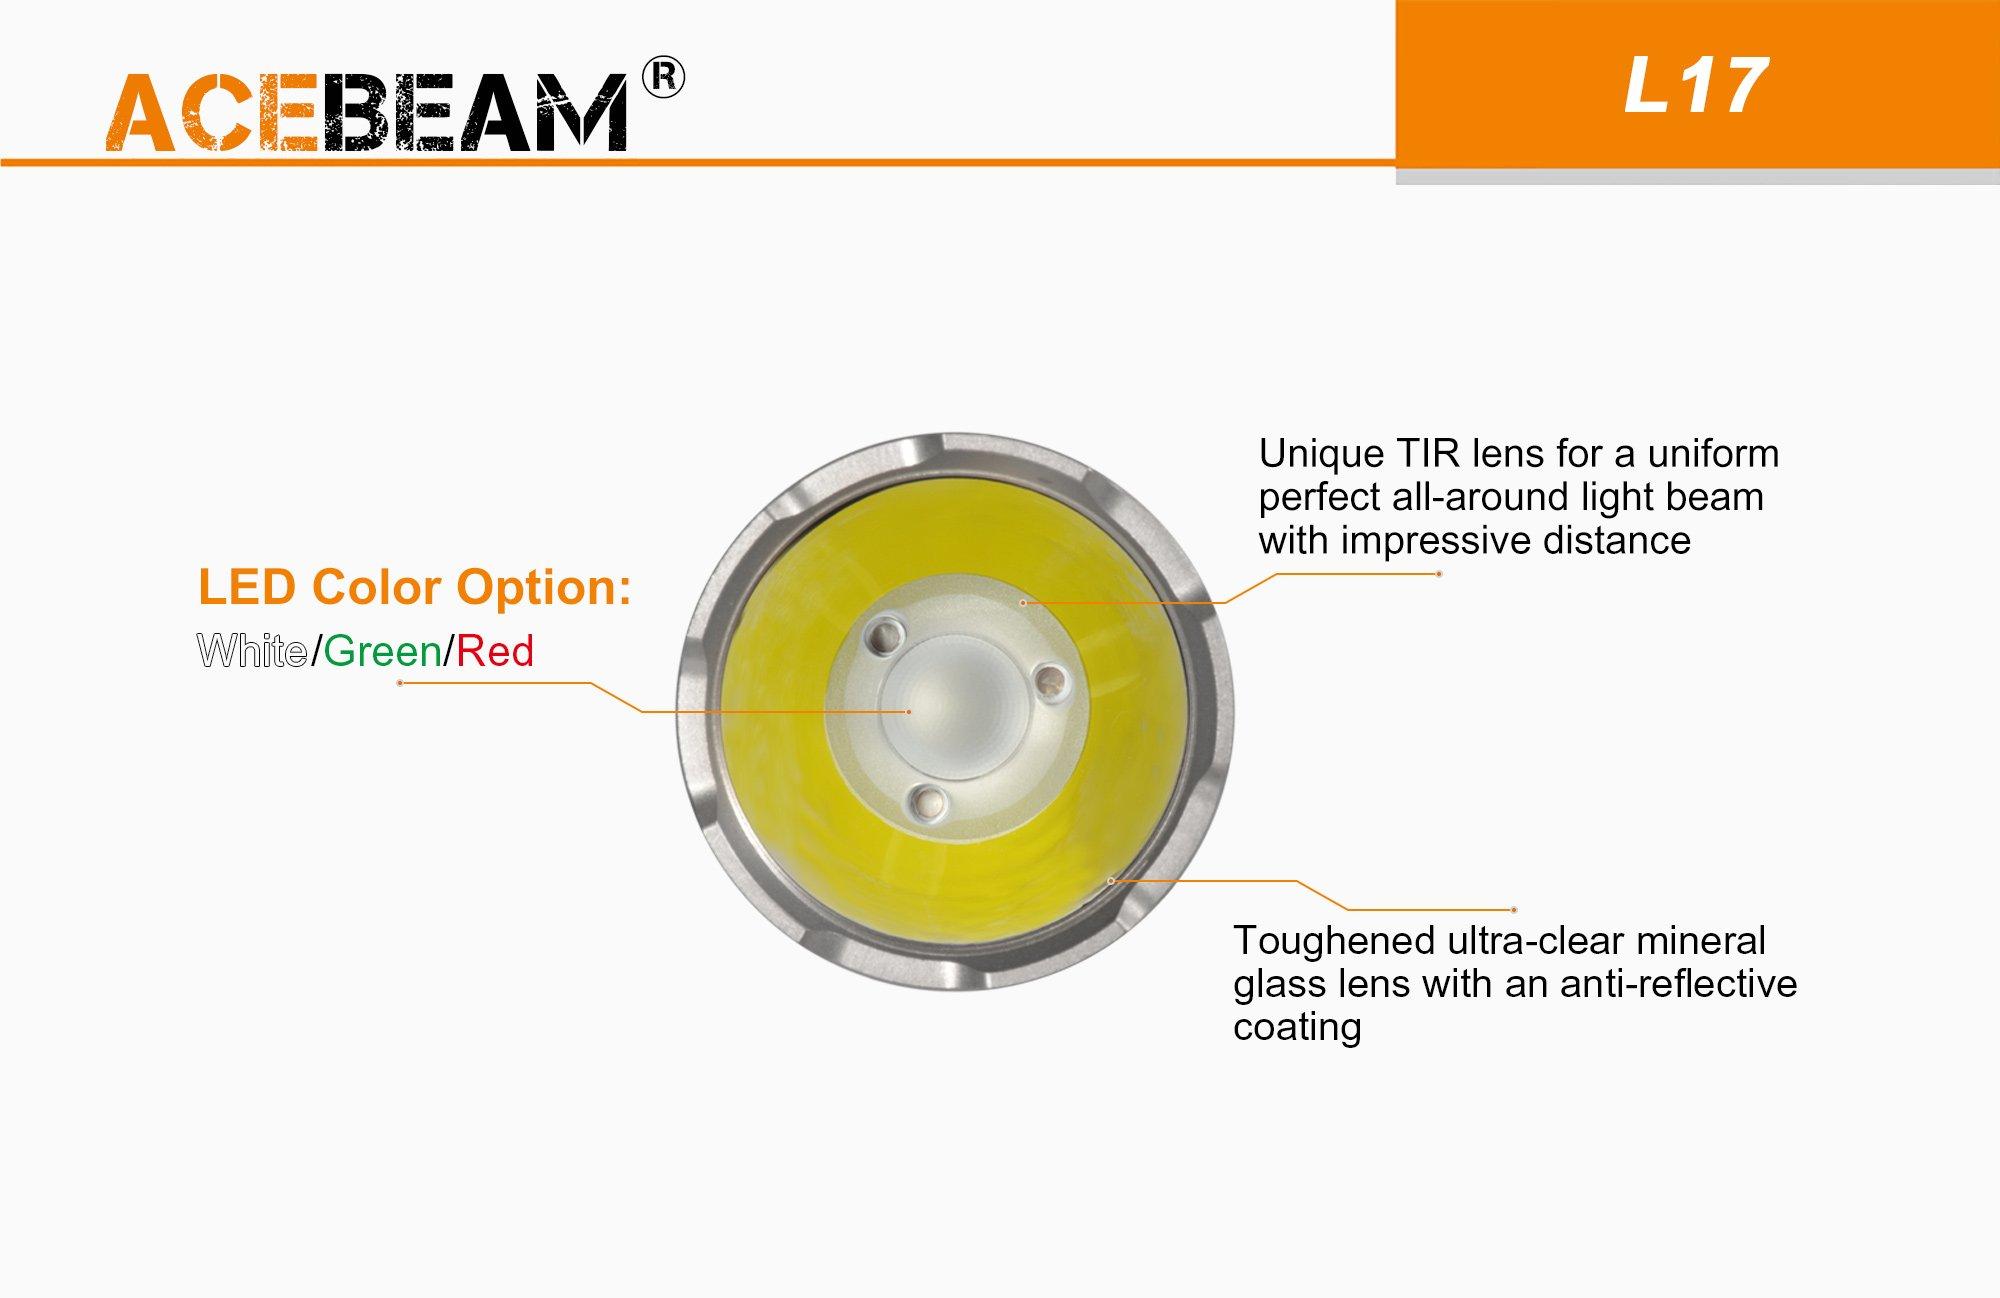 ACEBEAM L17 Linterna port/átil de largo alcance de litio individual 18650 etc. polic/ía militar luz blanca 802 metros adecuada para b/úsqueda 1400 l/úmenes